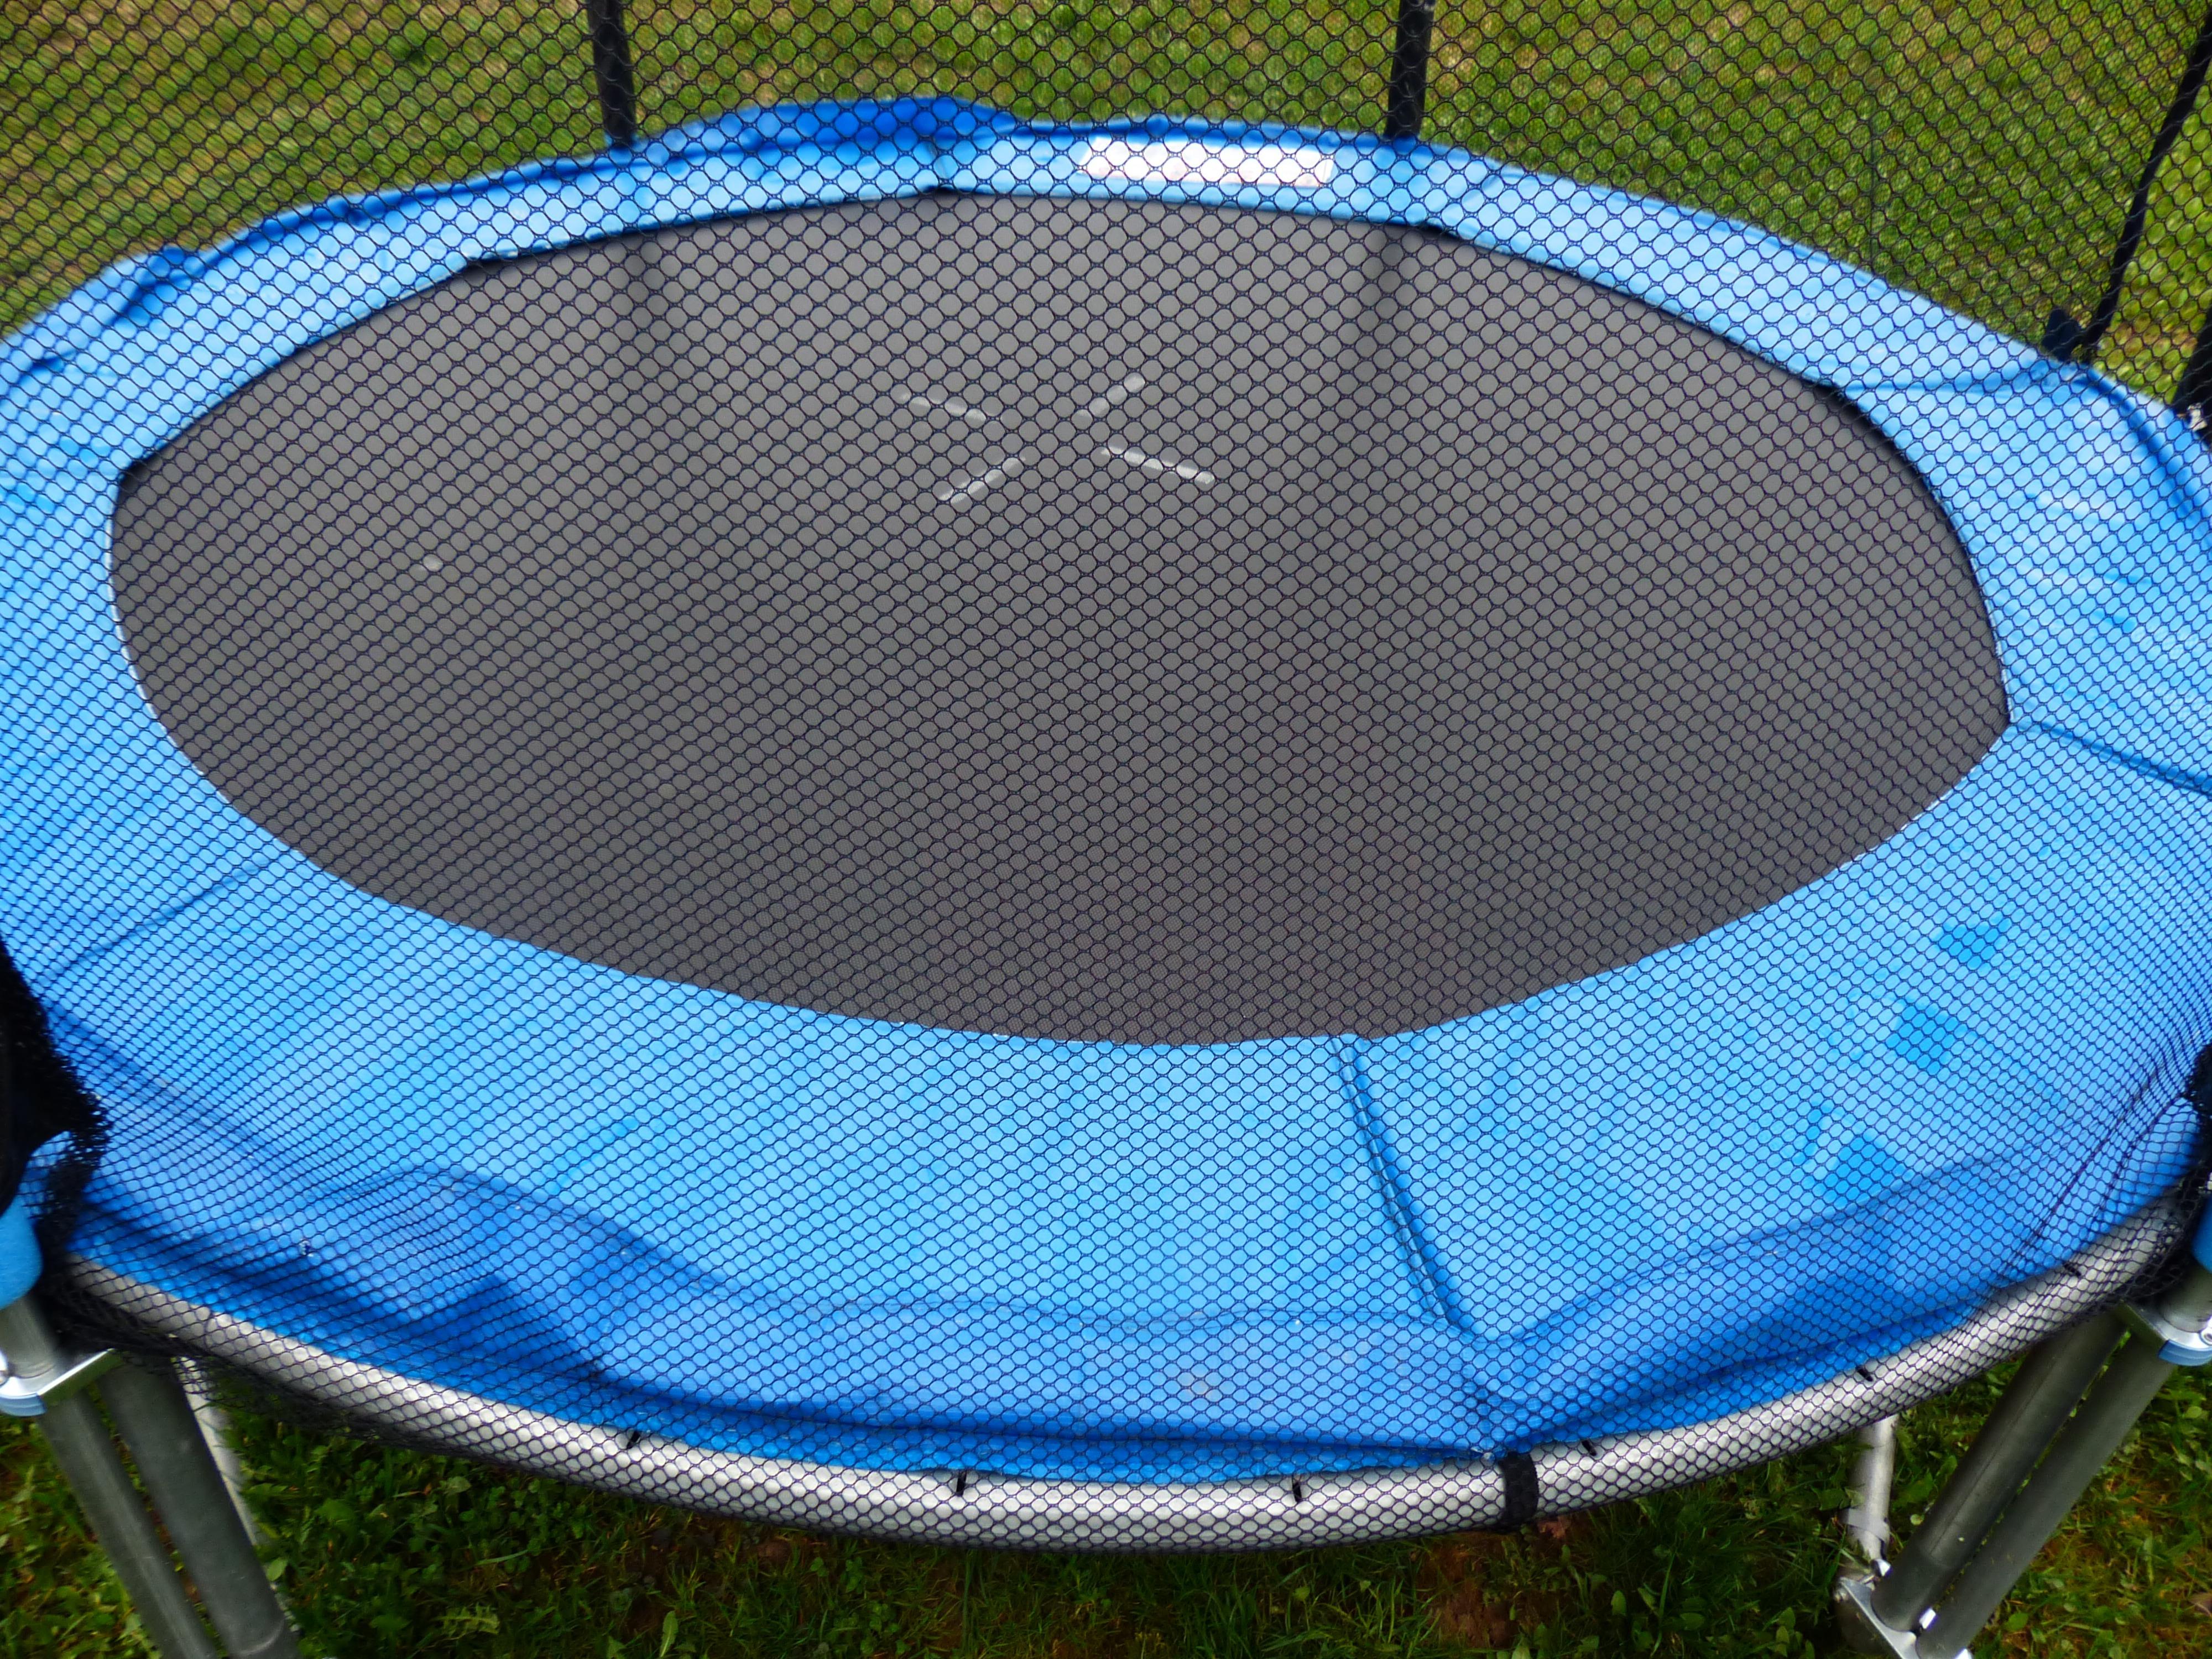 kostenlose foto : sport, spielen, pool, freizeit, kreis, Gartengestaltung